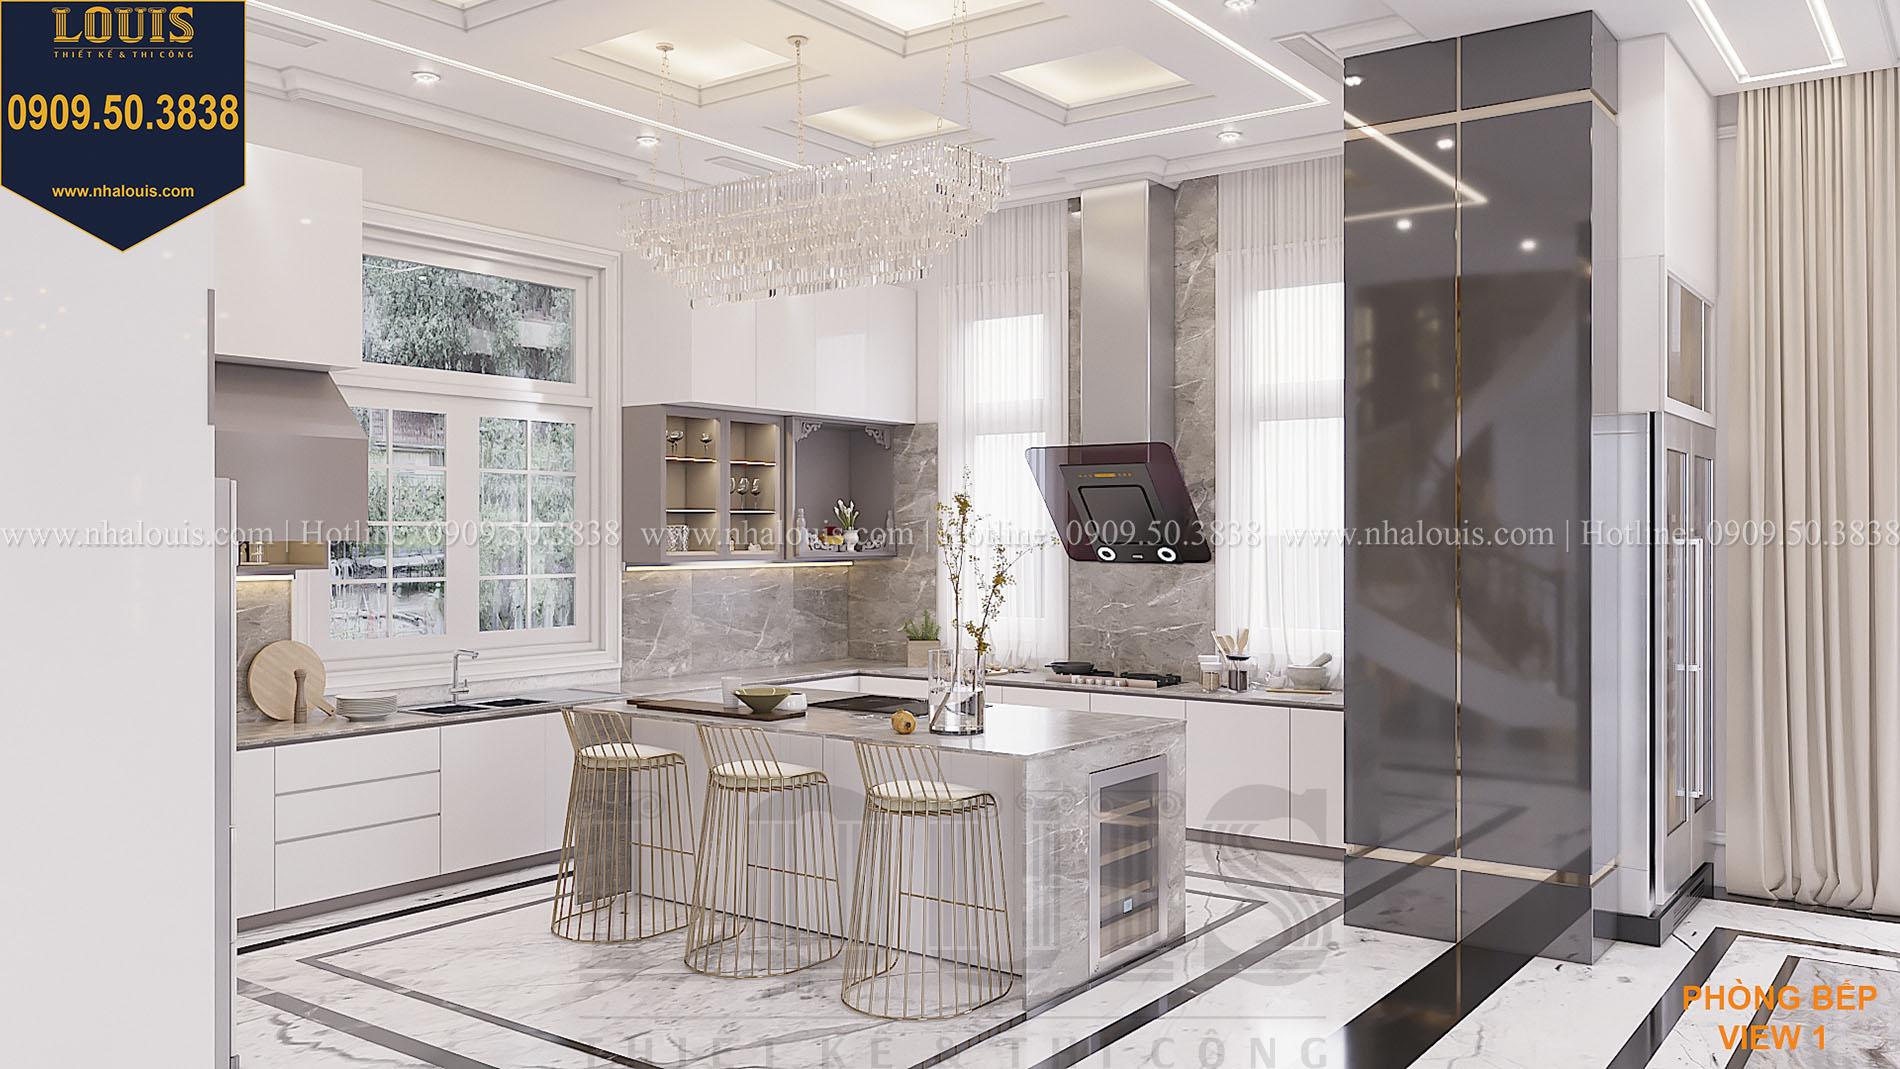 Mẫu thiết kế phòng bếp đẹp